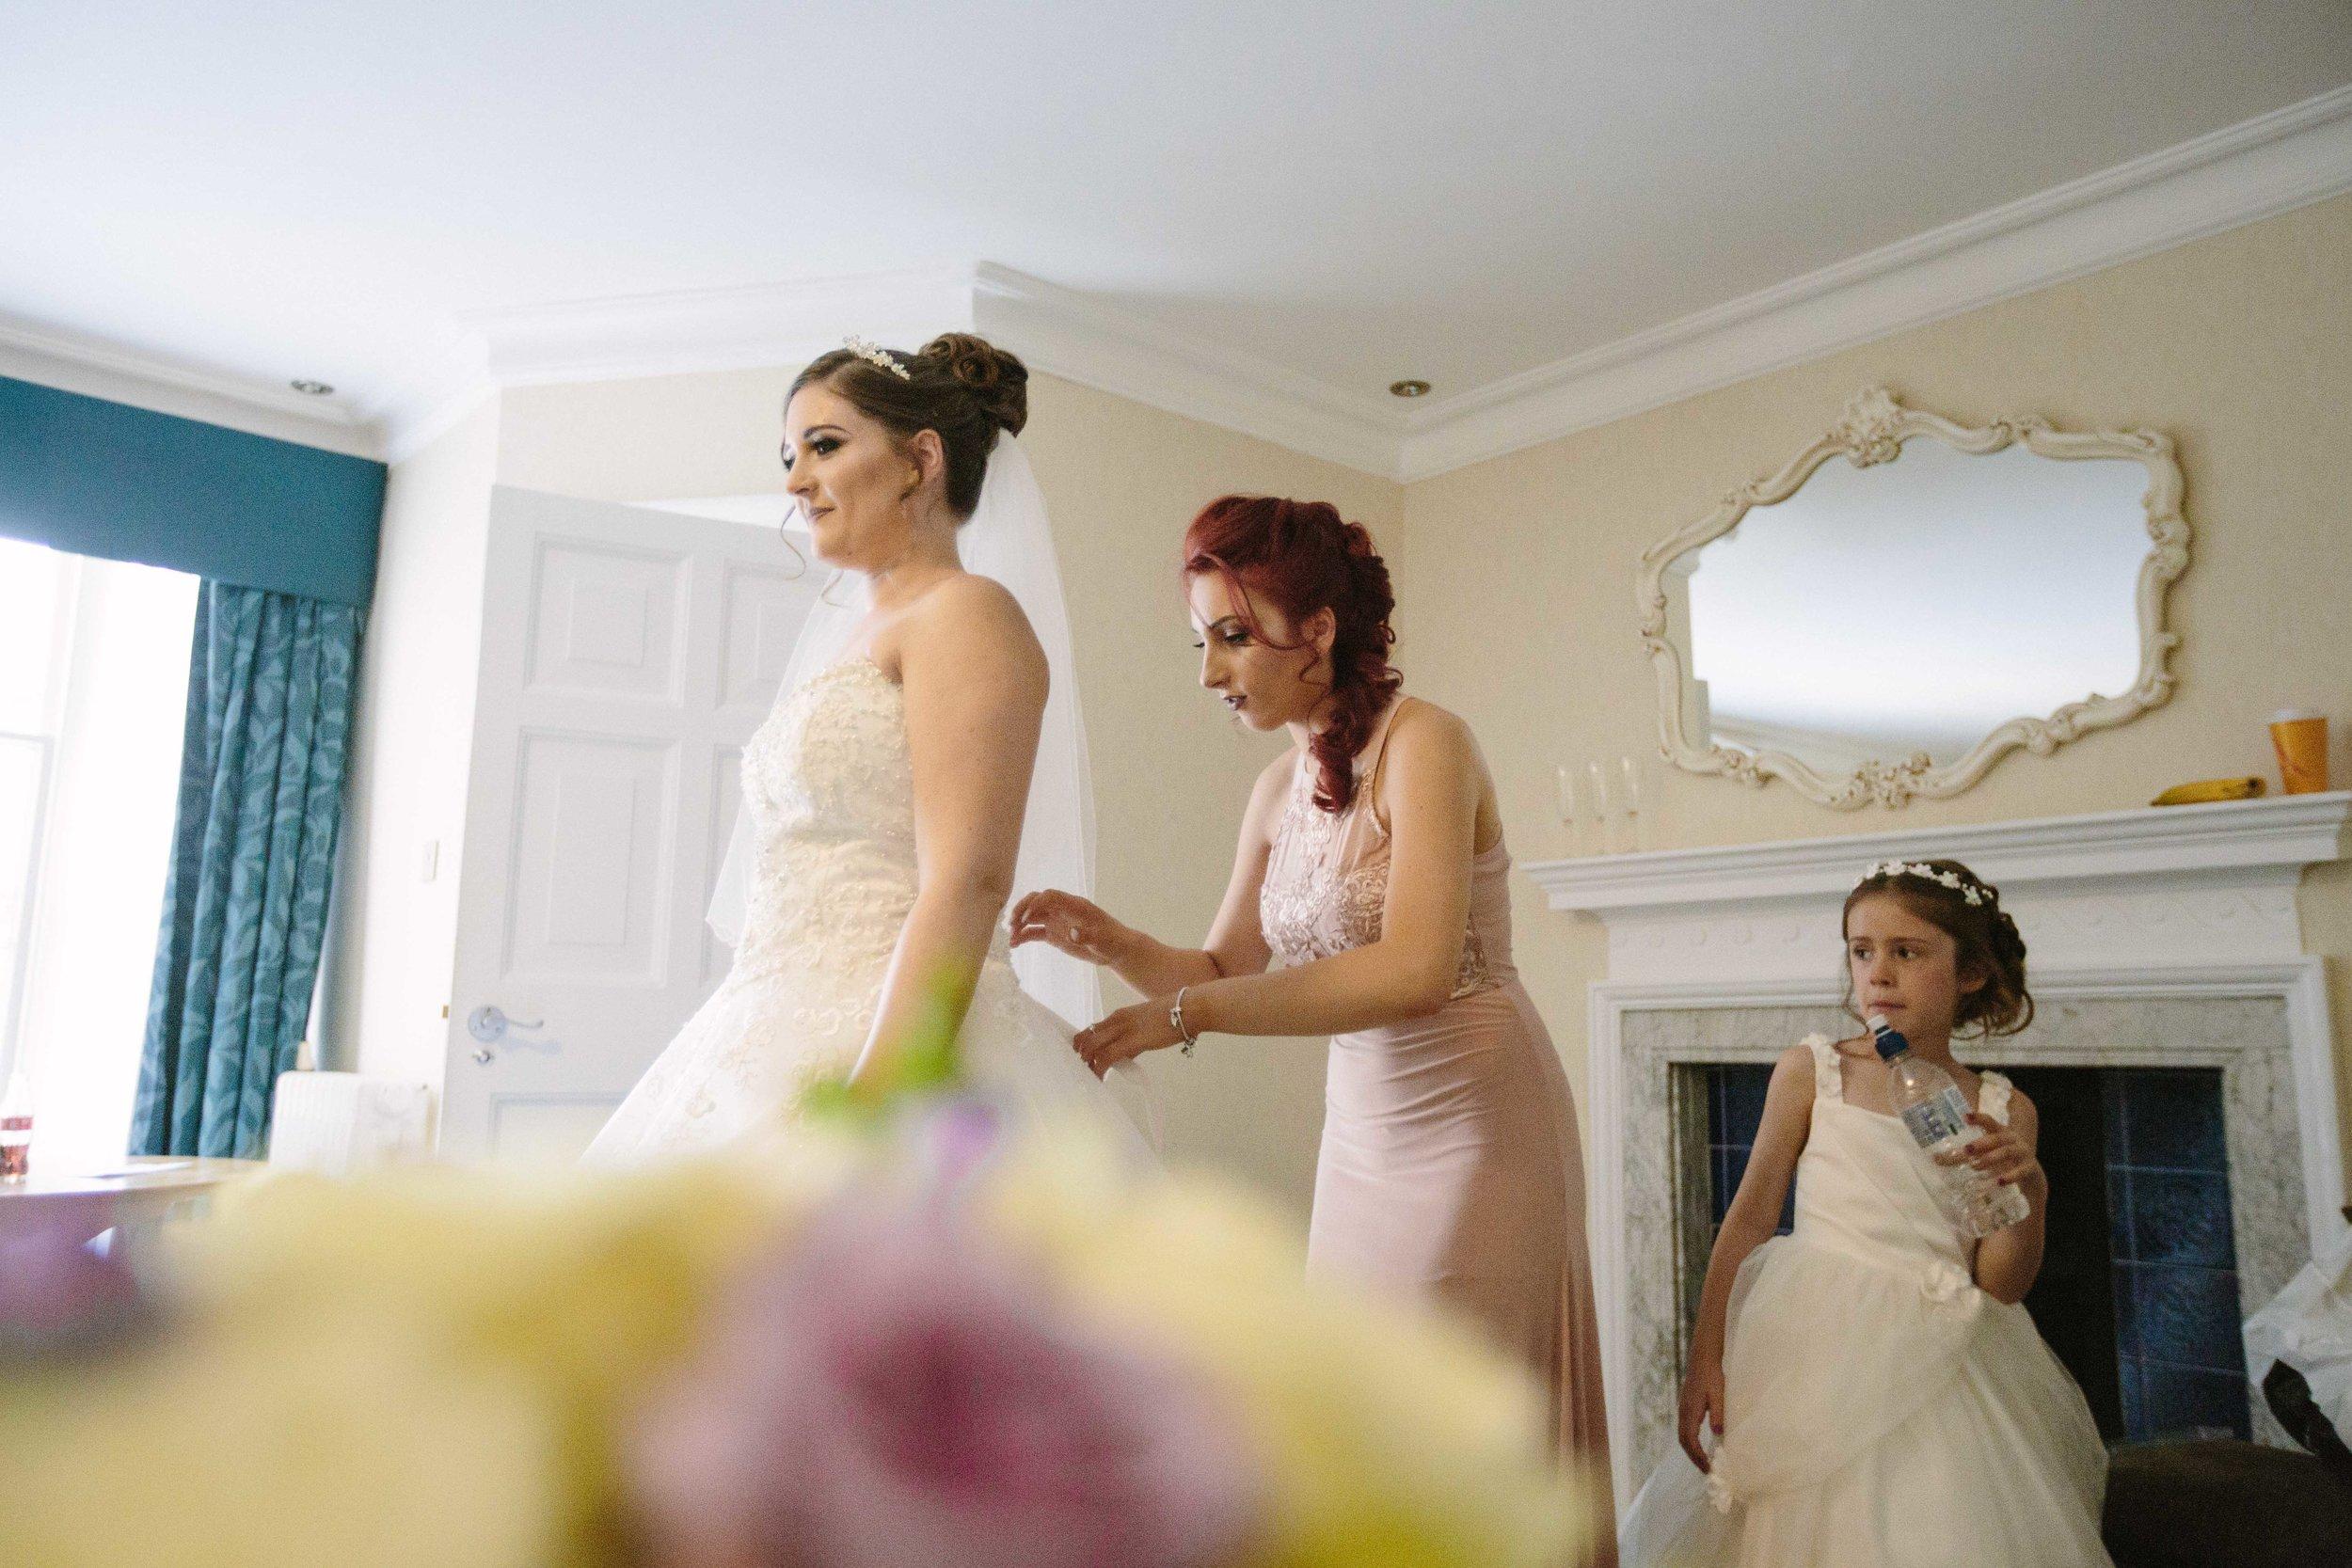 HamptonCourt-Wedding-Weybridge-Surrey-London-OatlandsParkHotel-10